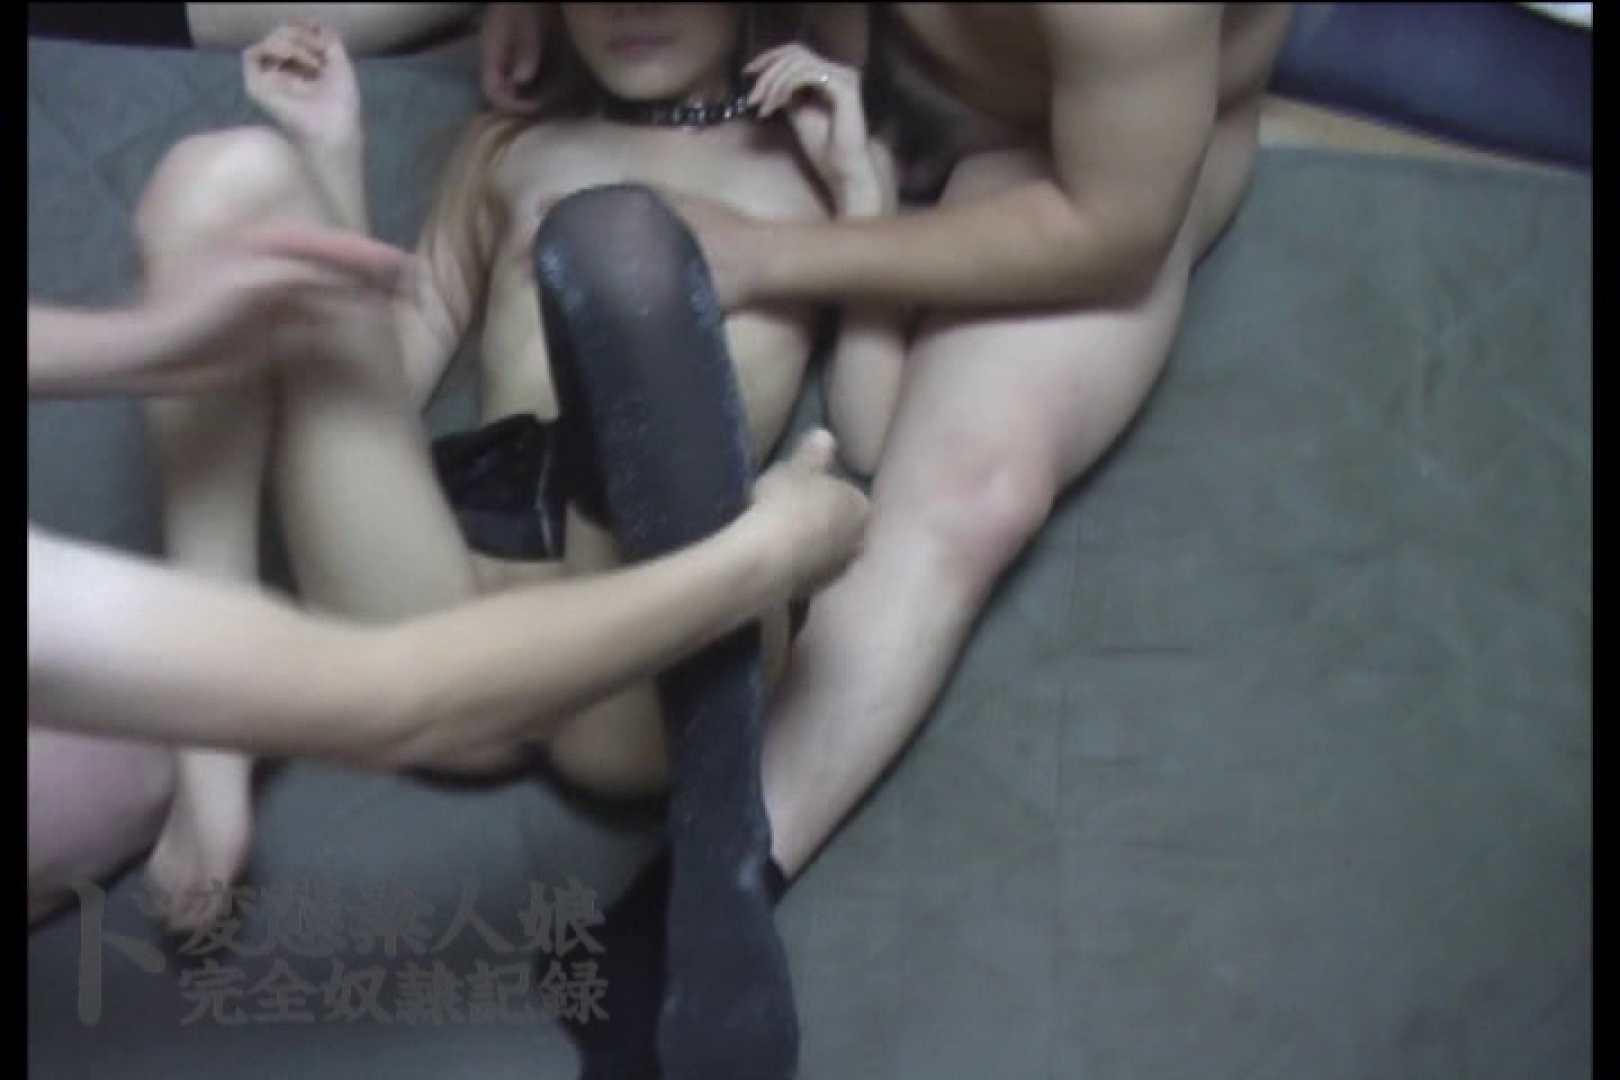 ド変態素人嬢完全奴隷記録 ~其の玖~ パイパン娘 アダルト動画キャプチャ 56連発 14